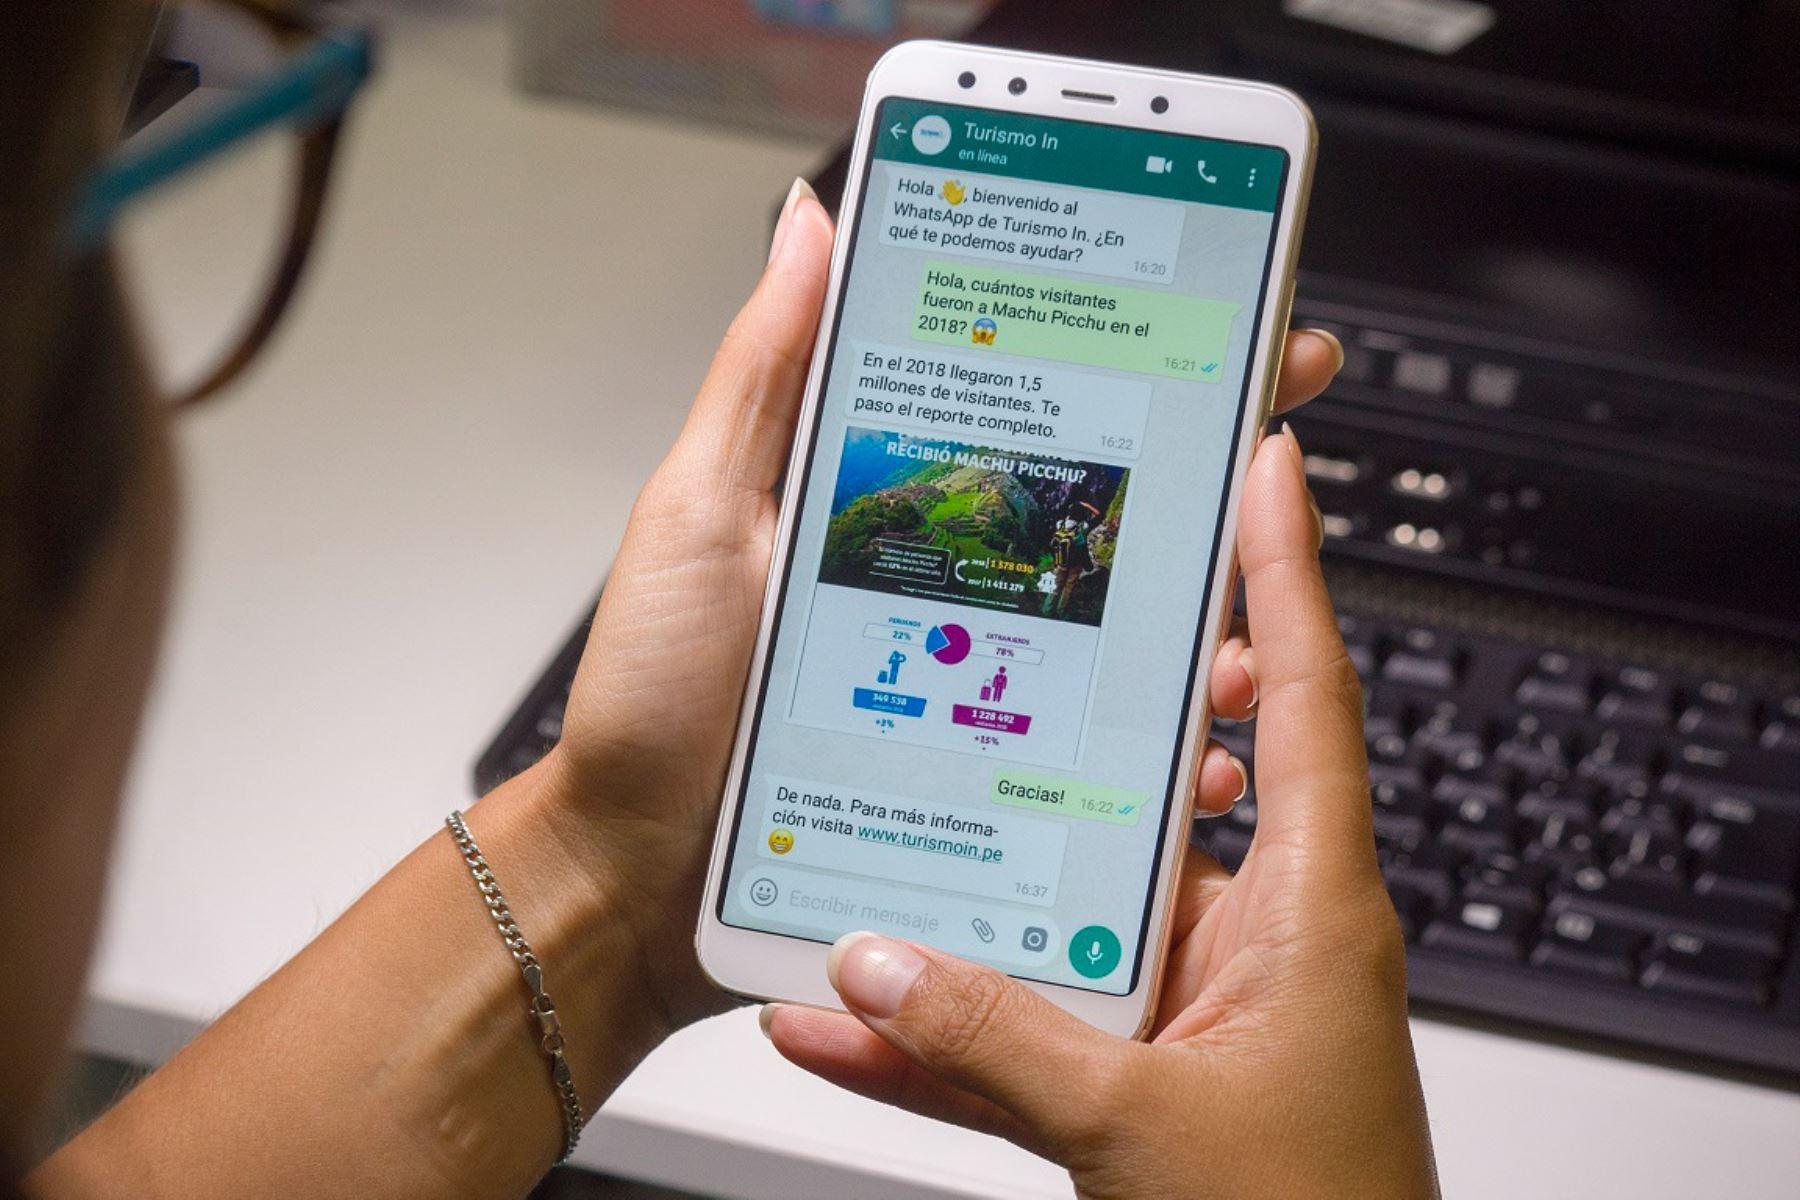 Promperú brindará información especializada en turismo a las pyme vinculadas a este sector vía WhatsApp.